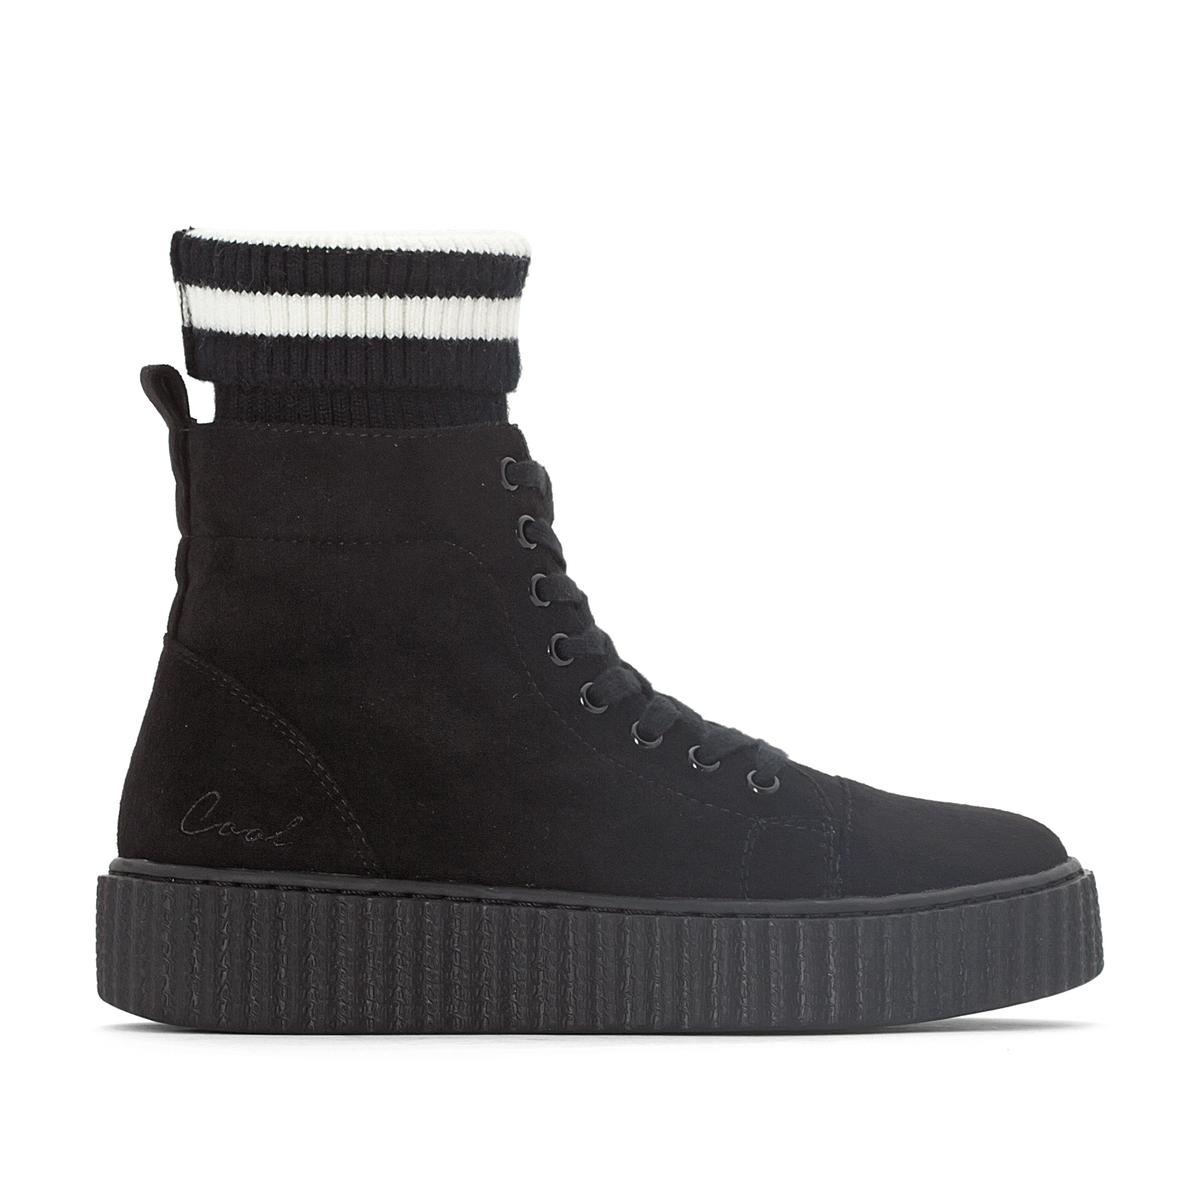 Кеды высокие YoguiОписание:Детали   •  Кеды высокие •  Спортивный стиль •  Плоский каблук •  Высота каблука : 3 см •  Застежка : шнуровка. •  Гладкая отделкаСостав и уход   •  Верх 100% синтетический материал •  Подкладка 100% синтетический материал •  Стелька 100% кожа •  Подошва 100% каучук<br><br>Цвет: черный<br>Размер: 36.40.37.41